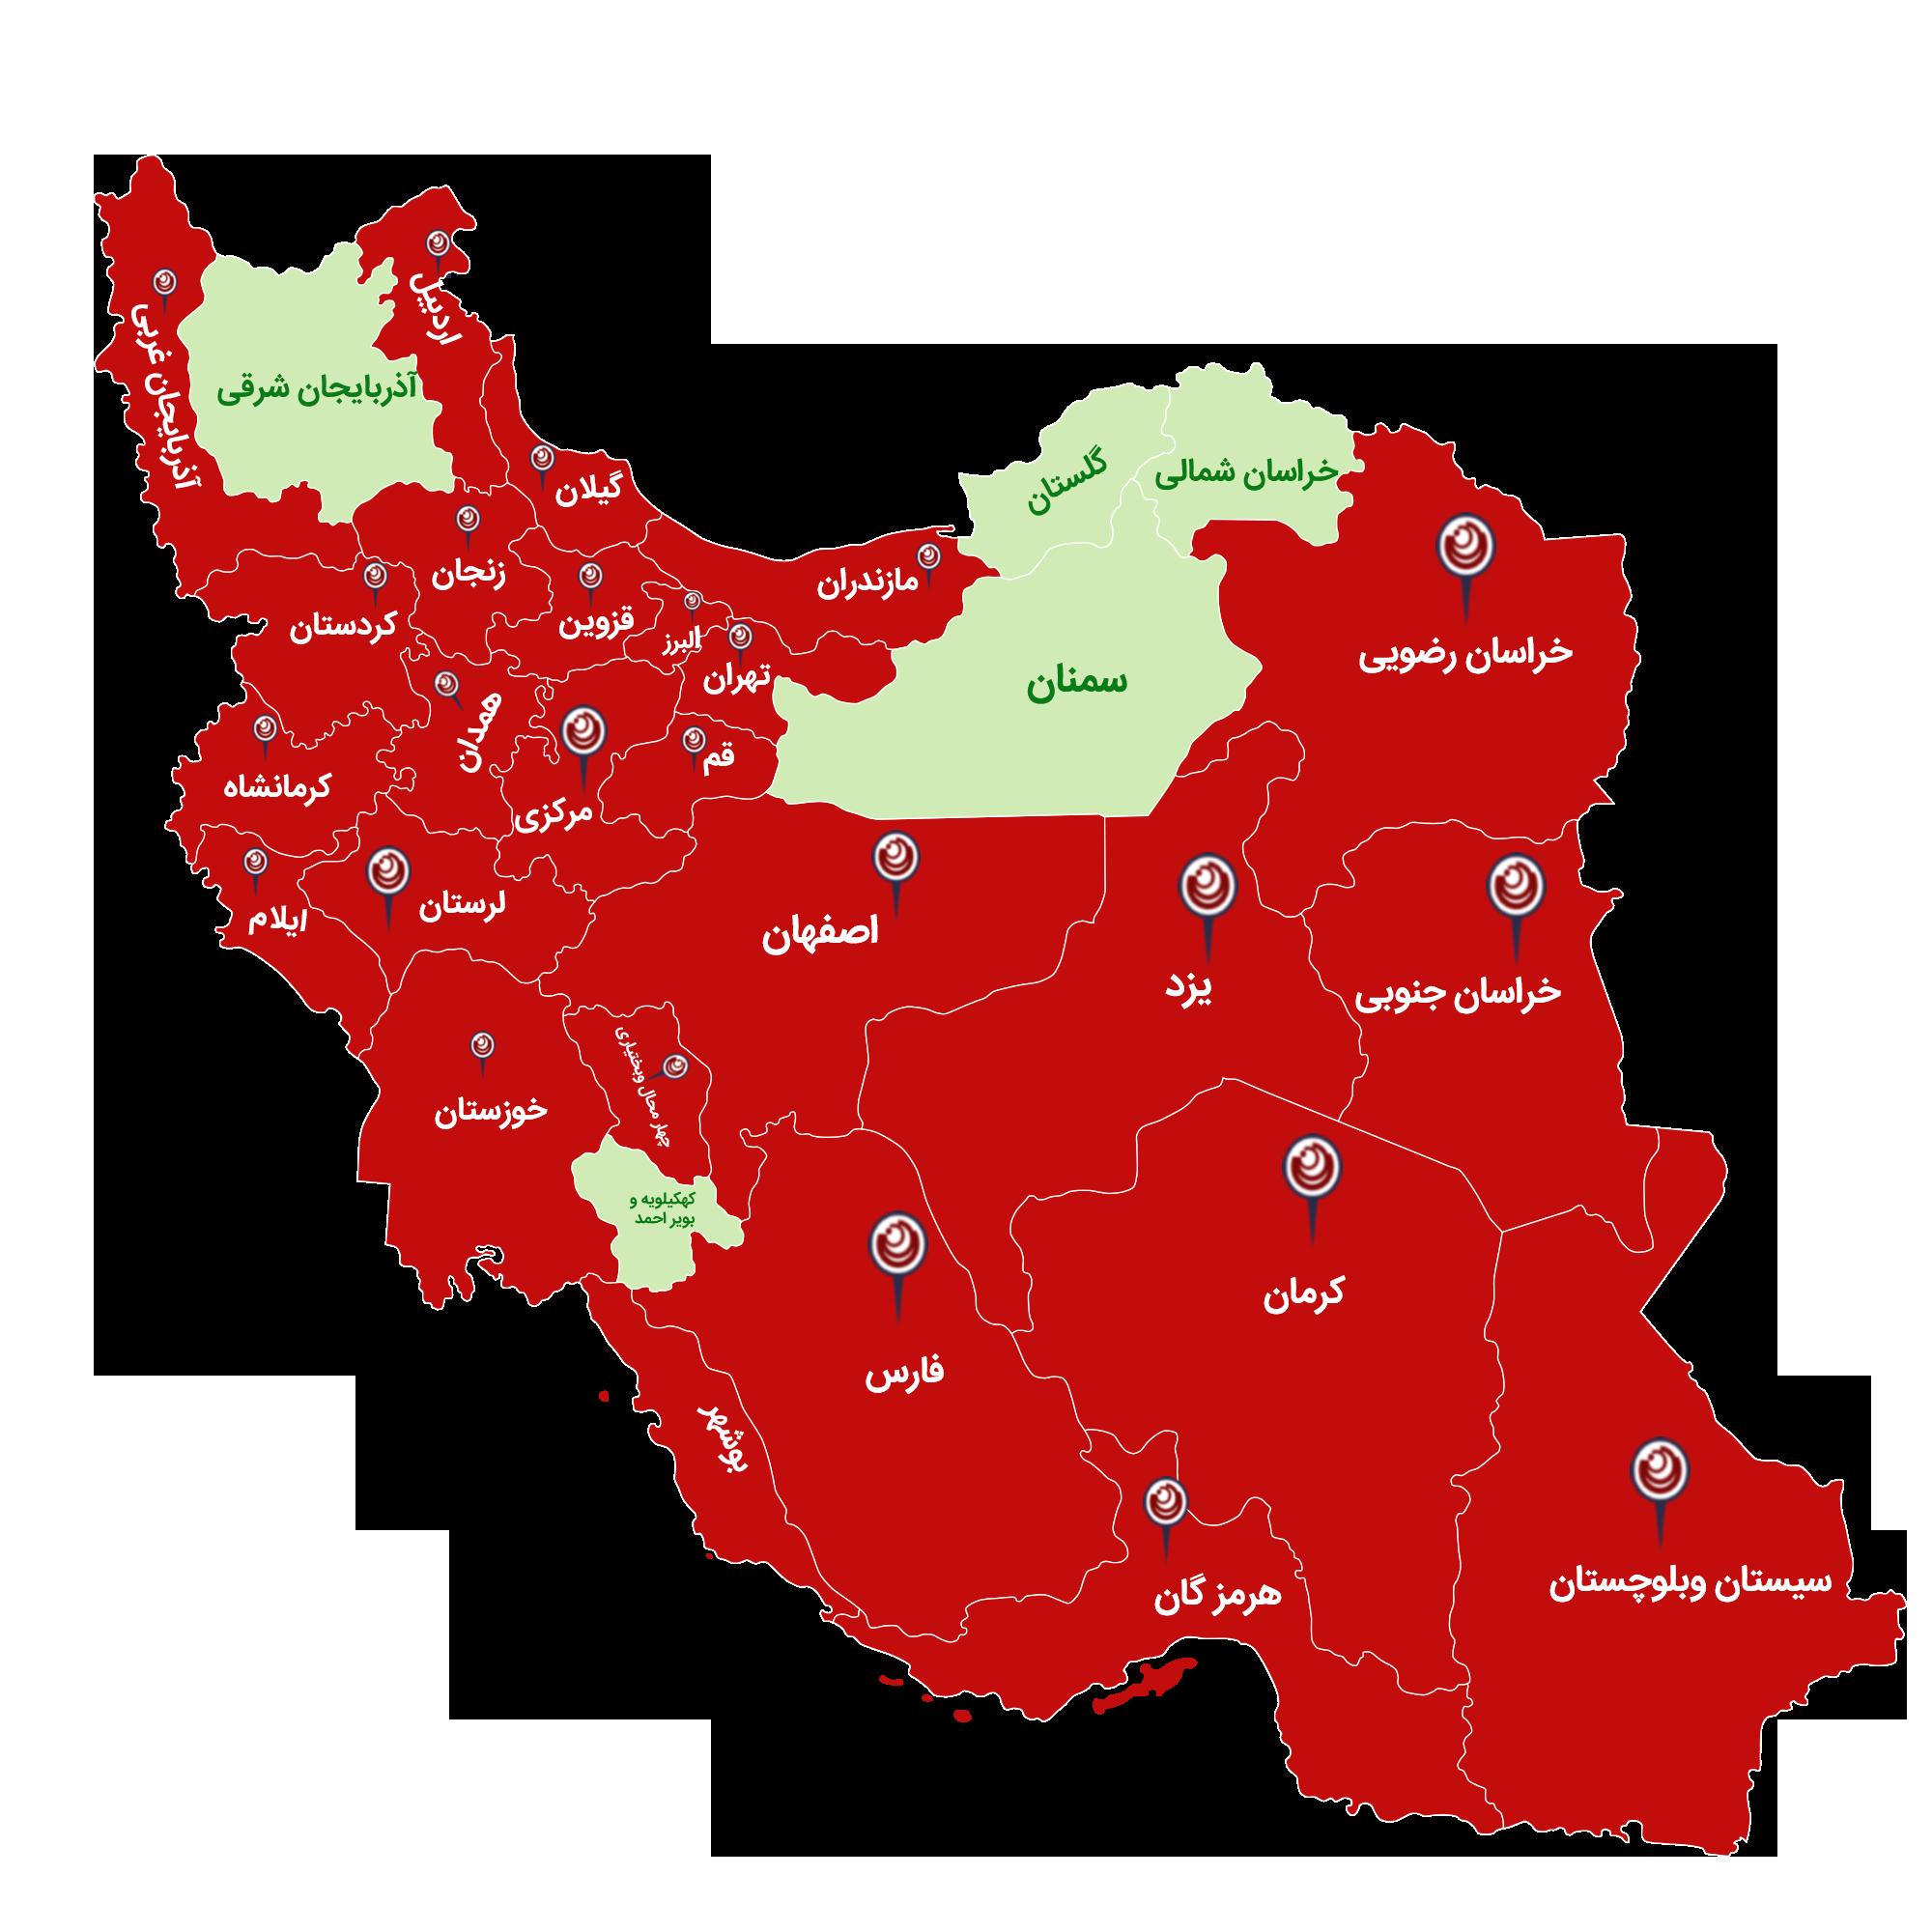 نقشه-ایران-دایاموز